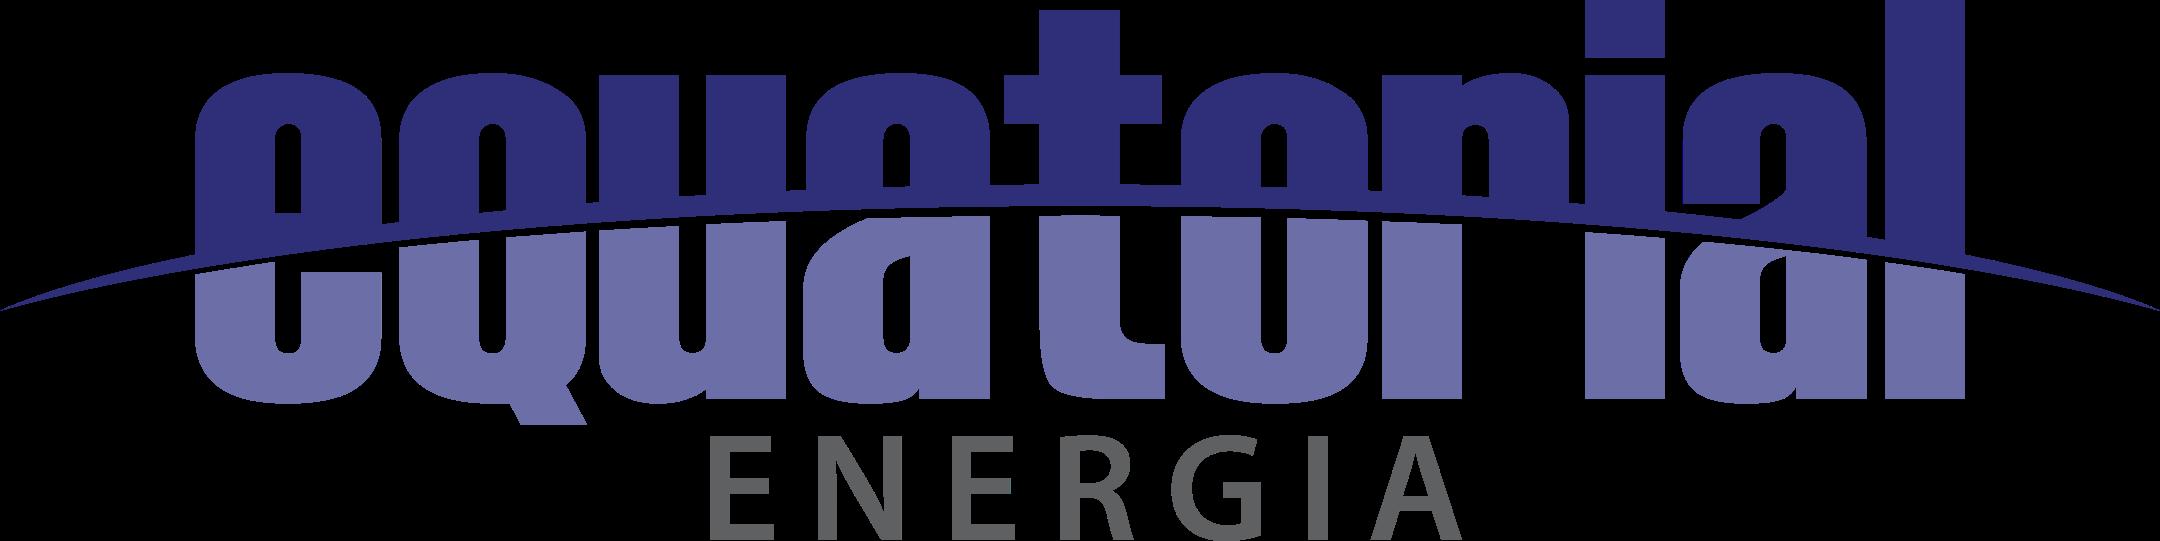 equatorial logo 1 - Equatorial Energia Logo